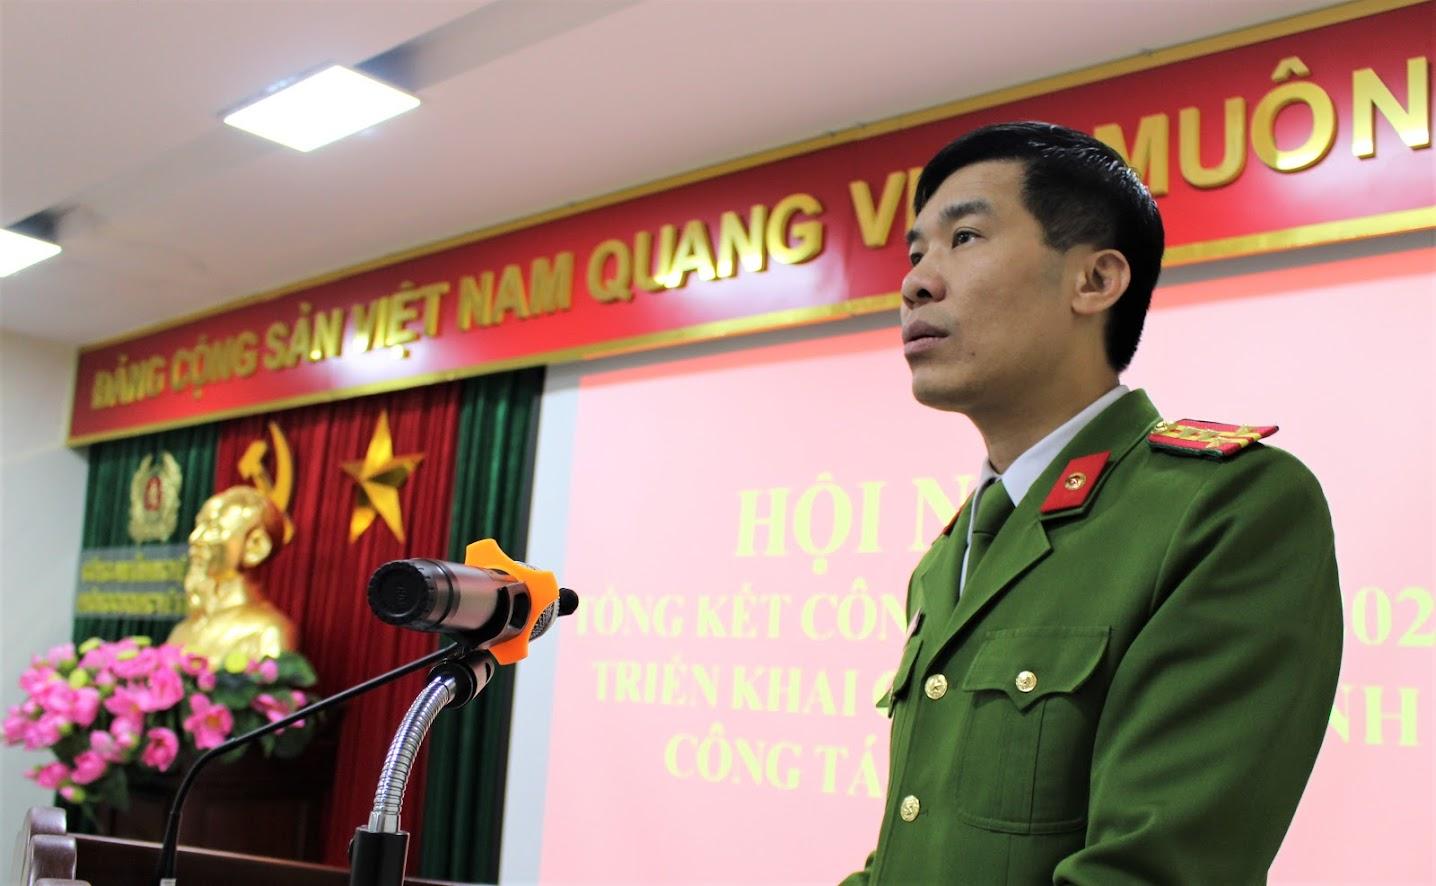 Đại tá Cao Minh Huyền, Phó Giám đốc Công an tỉnh phát biểu tại Hội nghị